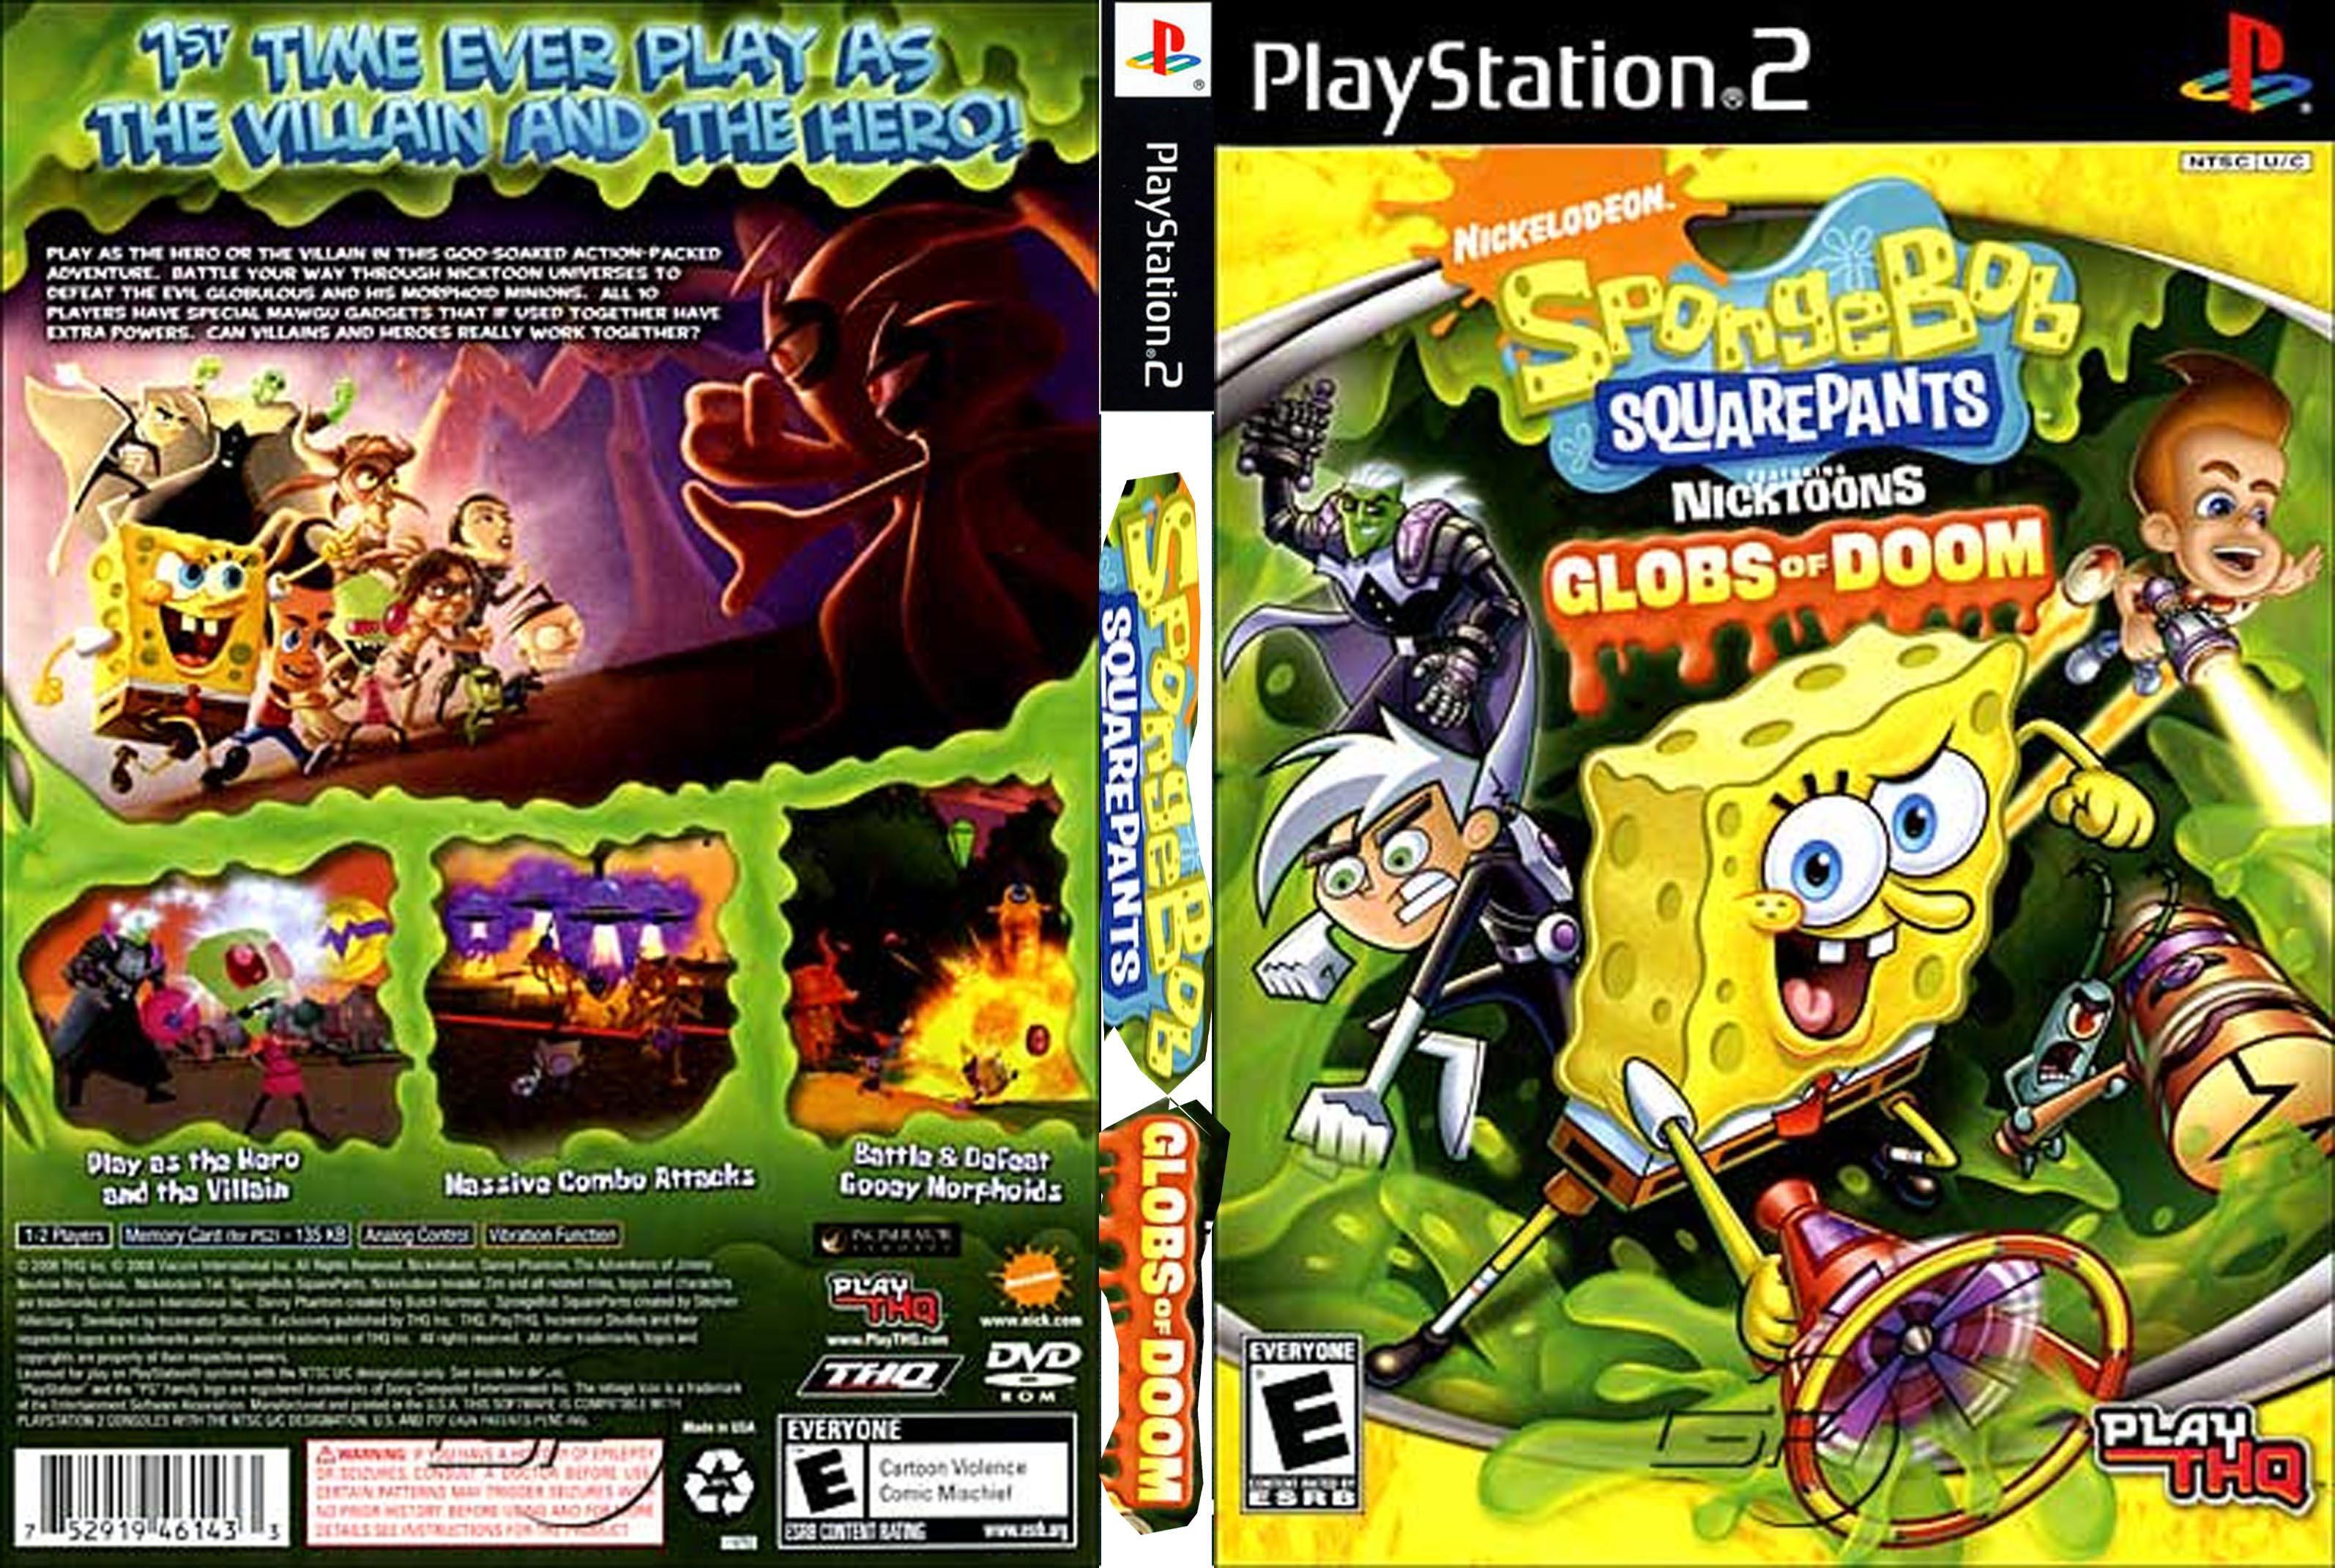 SpongeBobSquarePantsfeaturingNicktoonsGlobsofDoom